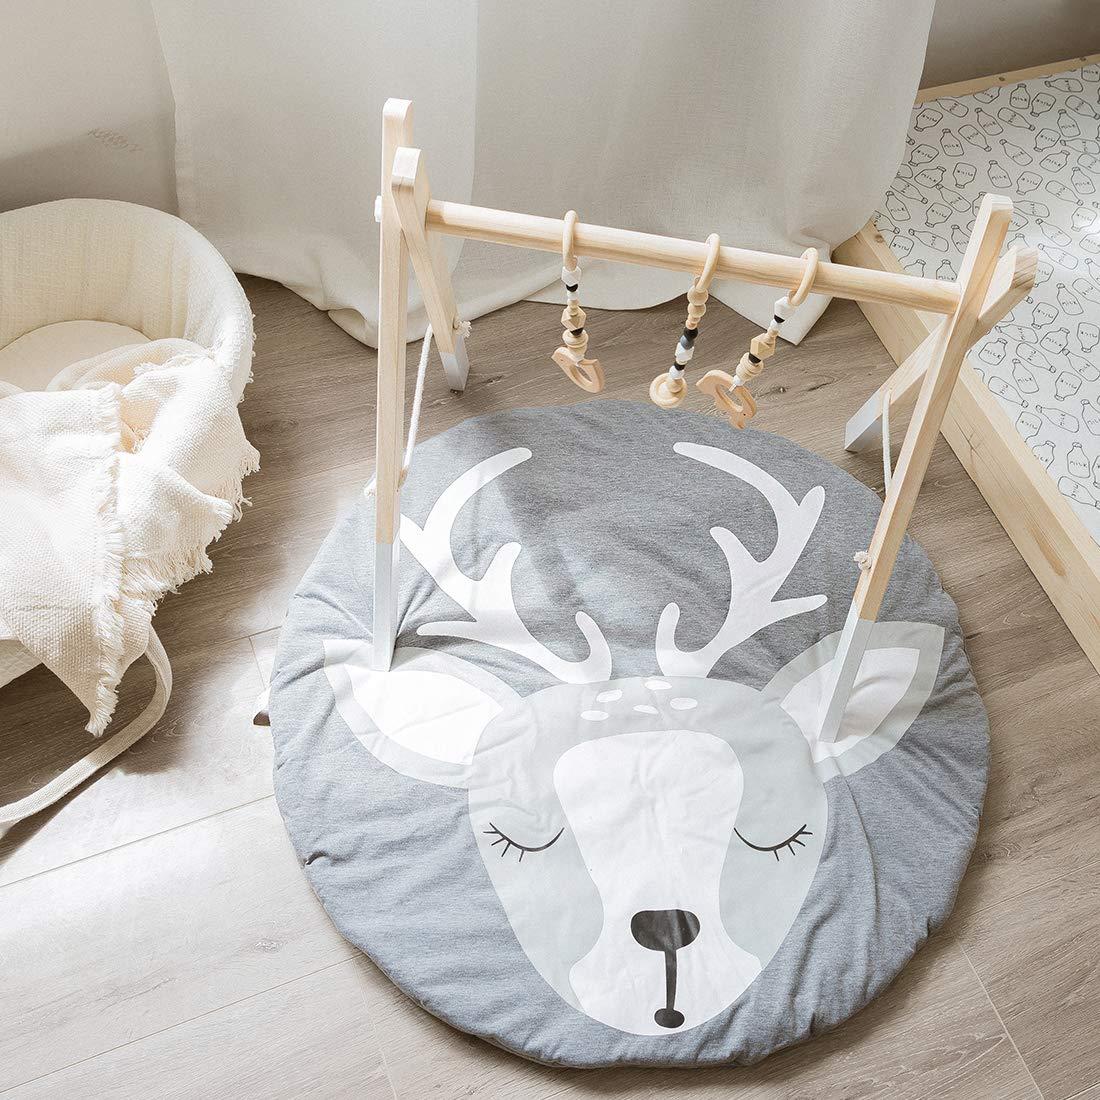 Kinder Jungen und M/ädchen Pure Farbe samt Cartoon Cat Keep Warm Wraps Schal Schals Lenfesh Unisex Baby Winter Neck Warm Schal